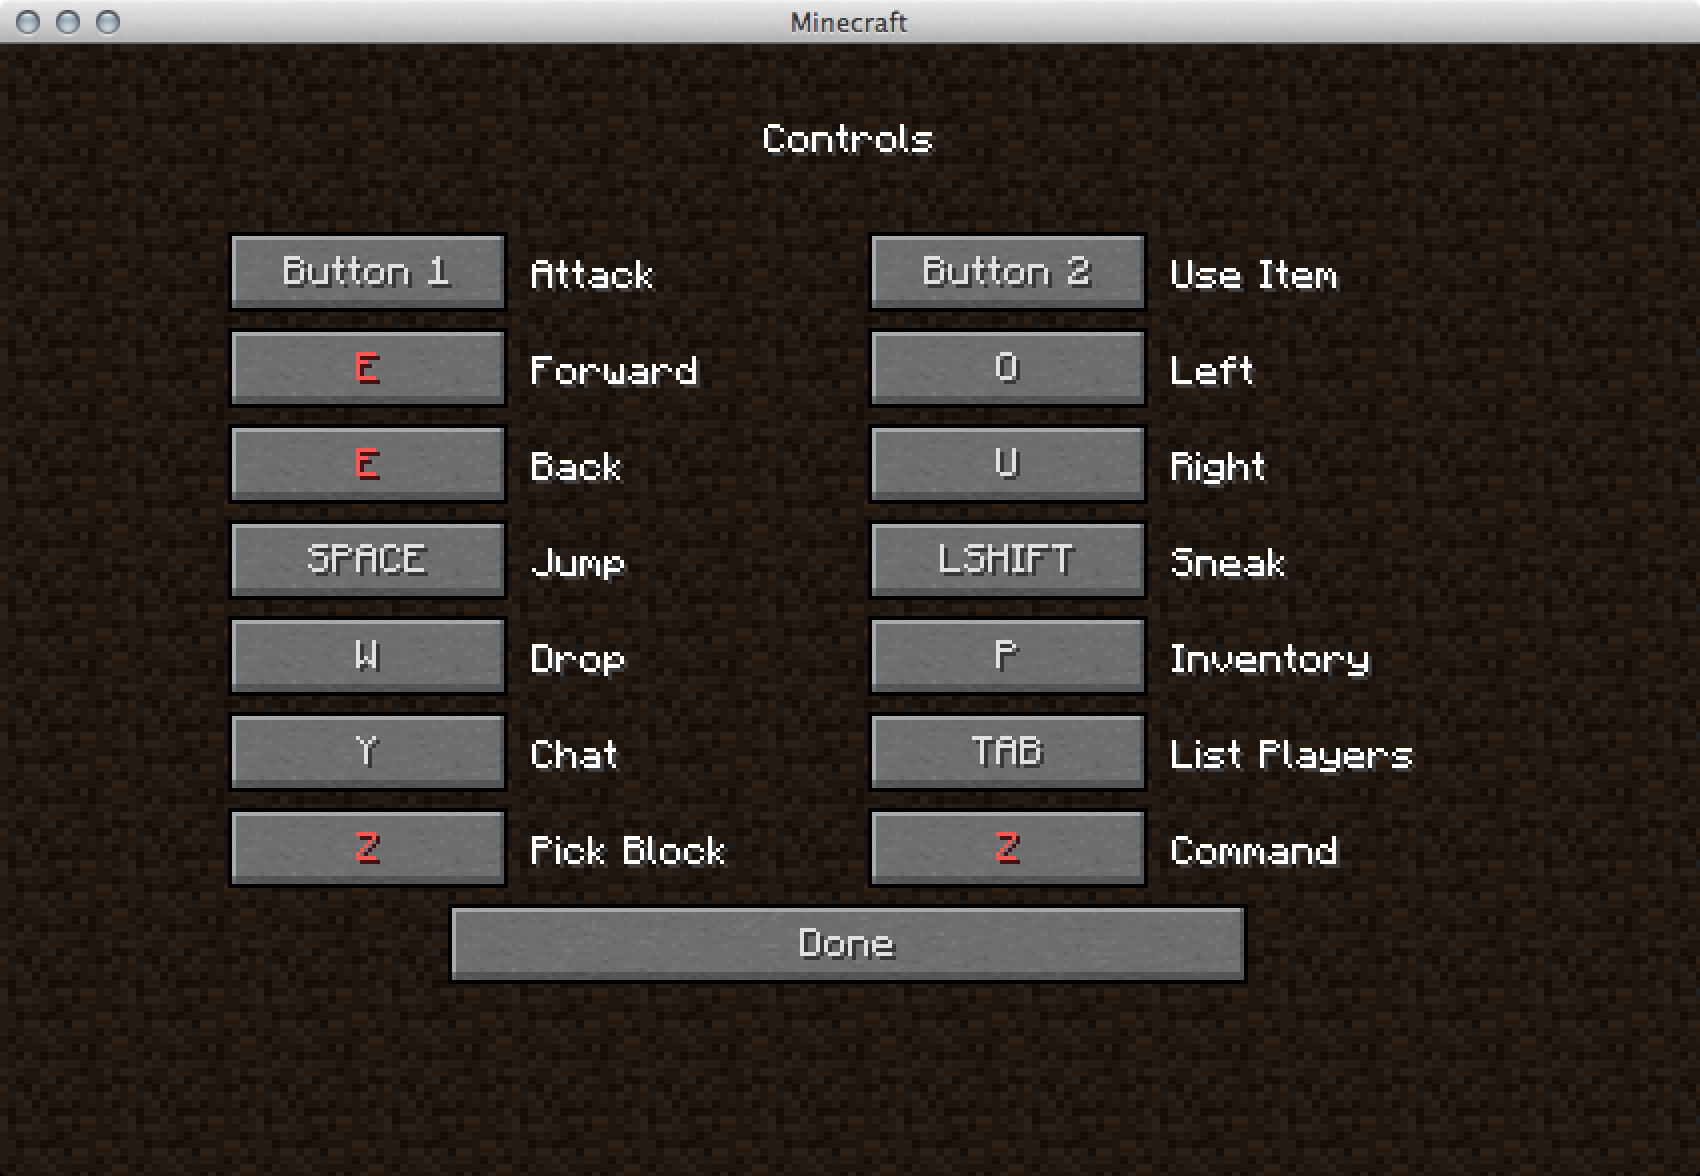 на какую кнопку чат в майнкрафте 1.7.2 #4